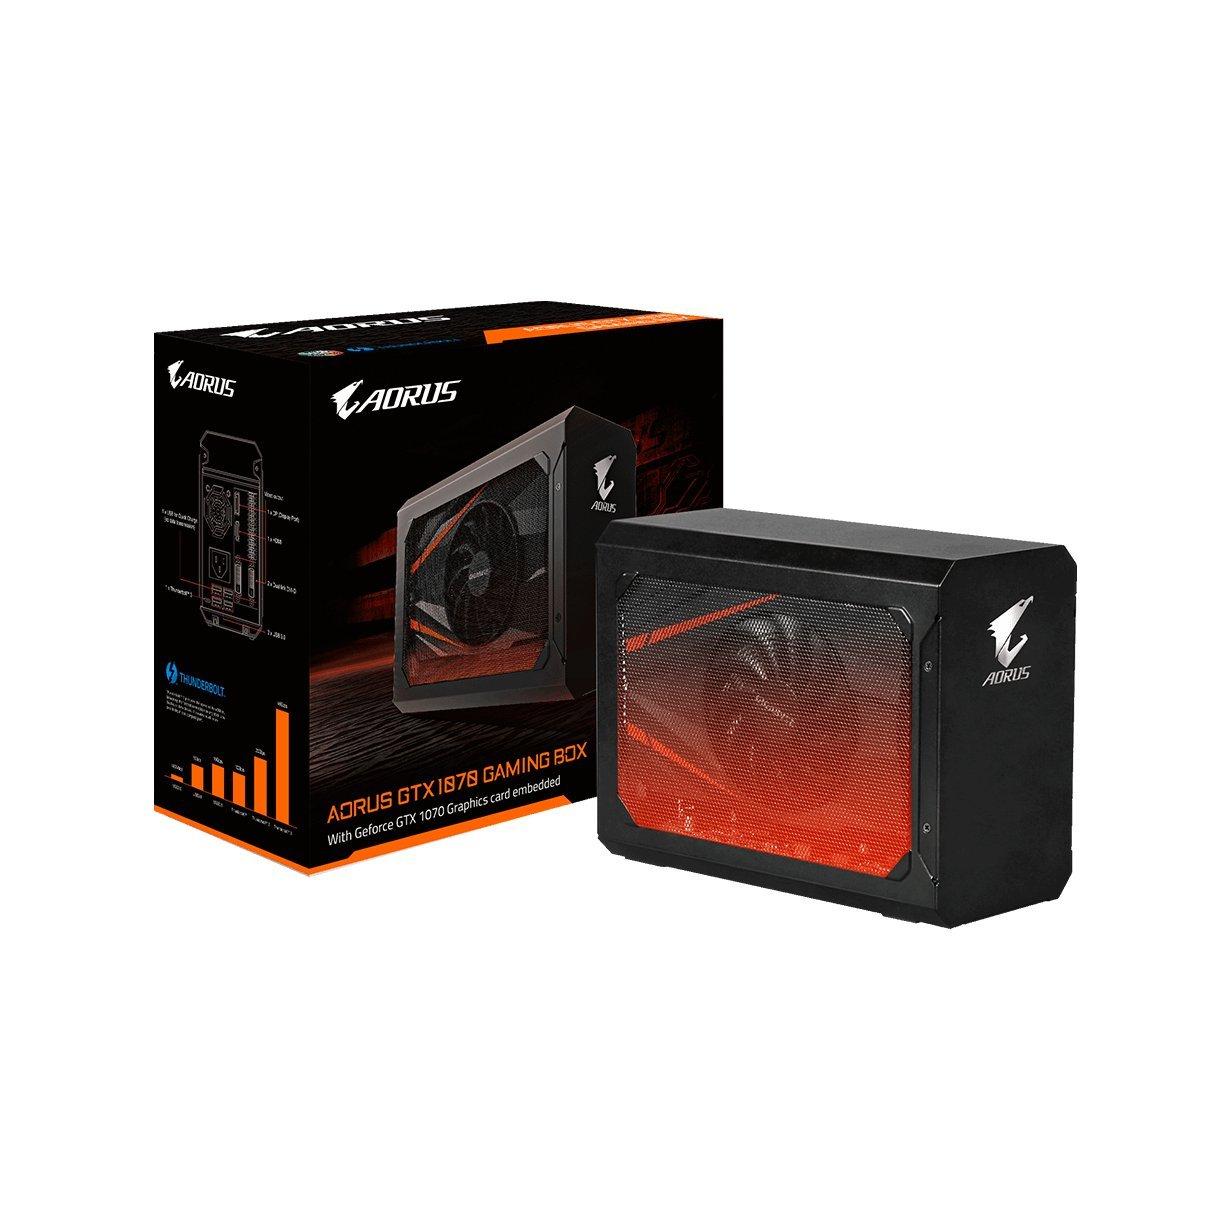 【ご予約品】 GIGABYTE ビデオカード GTX1070搭載 B0744C8MHQ 外付けVGA BOX GTX1070搭載 GIGABYTE GV-N1070IXEB-8GD B0744C8MHQ, ベクトルプラス:ee778e44 --- ballyshannonshow.com